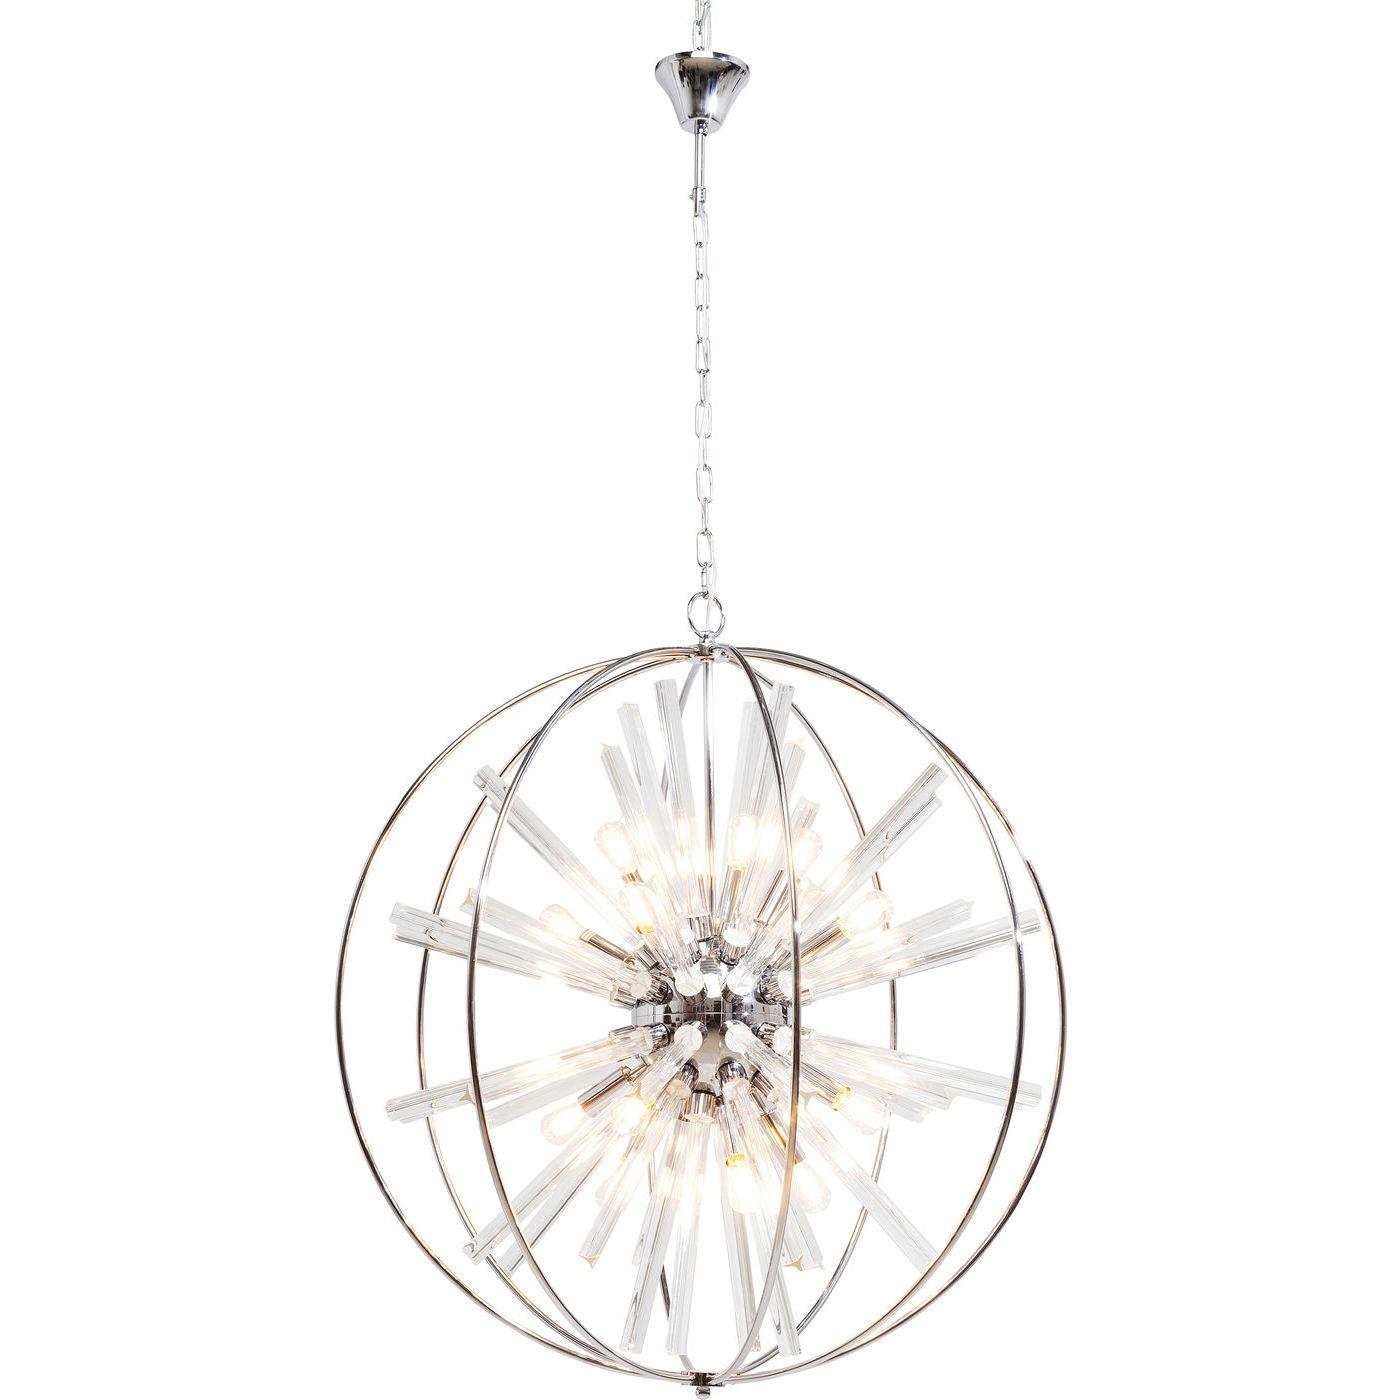 Billede af Kare Design Loftslampe, Saturn Explosion